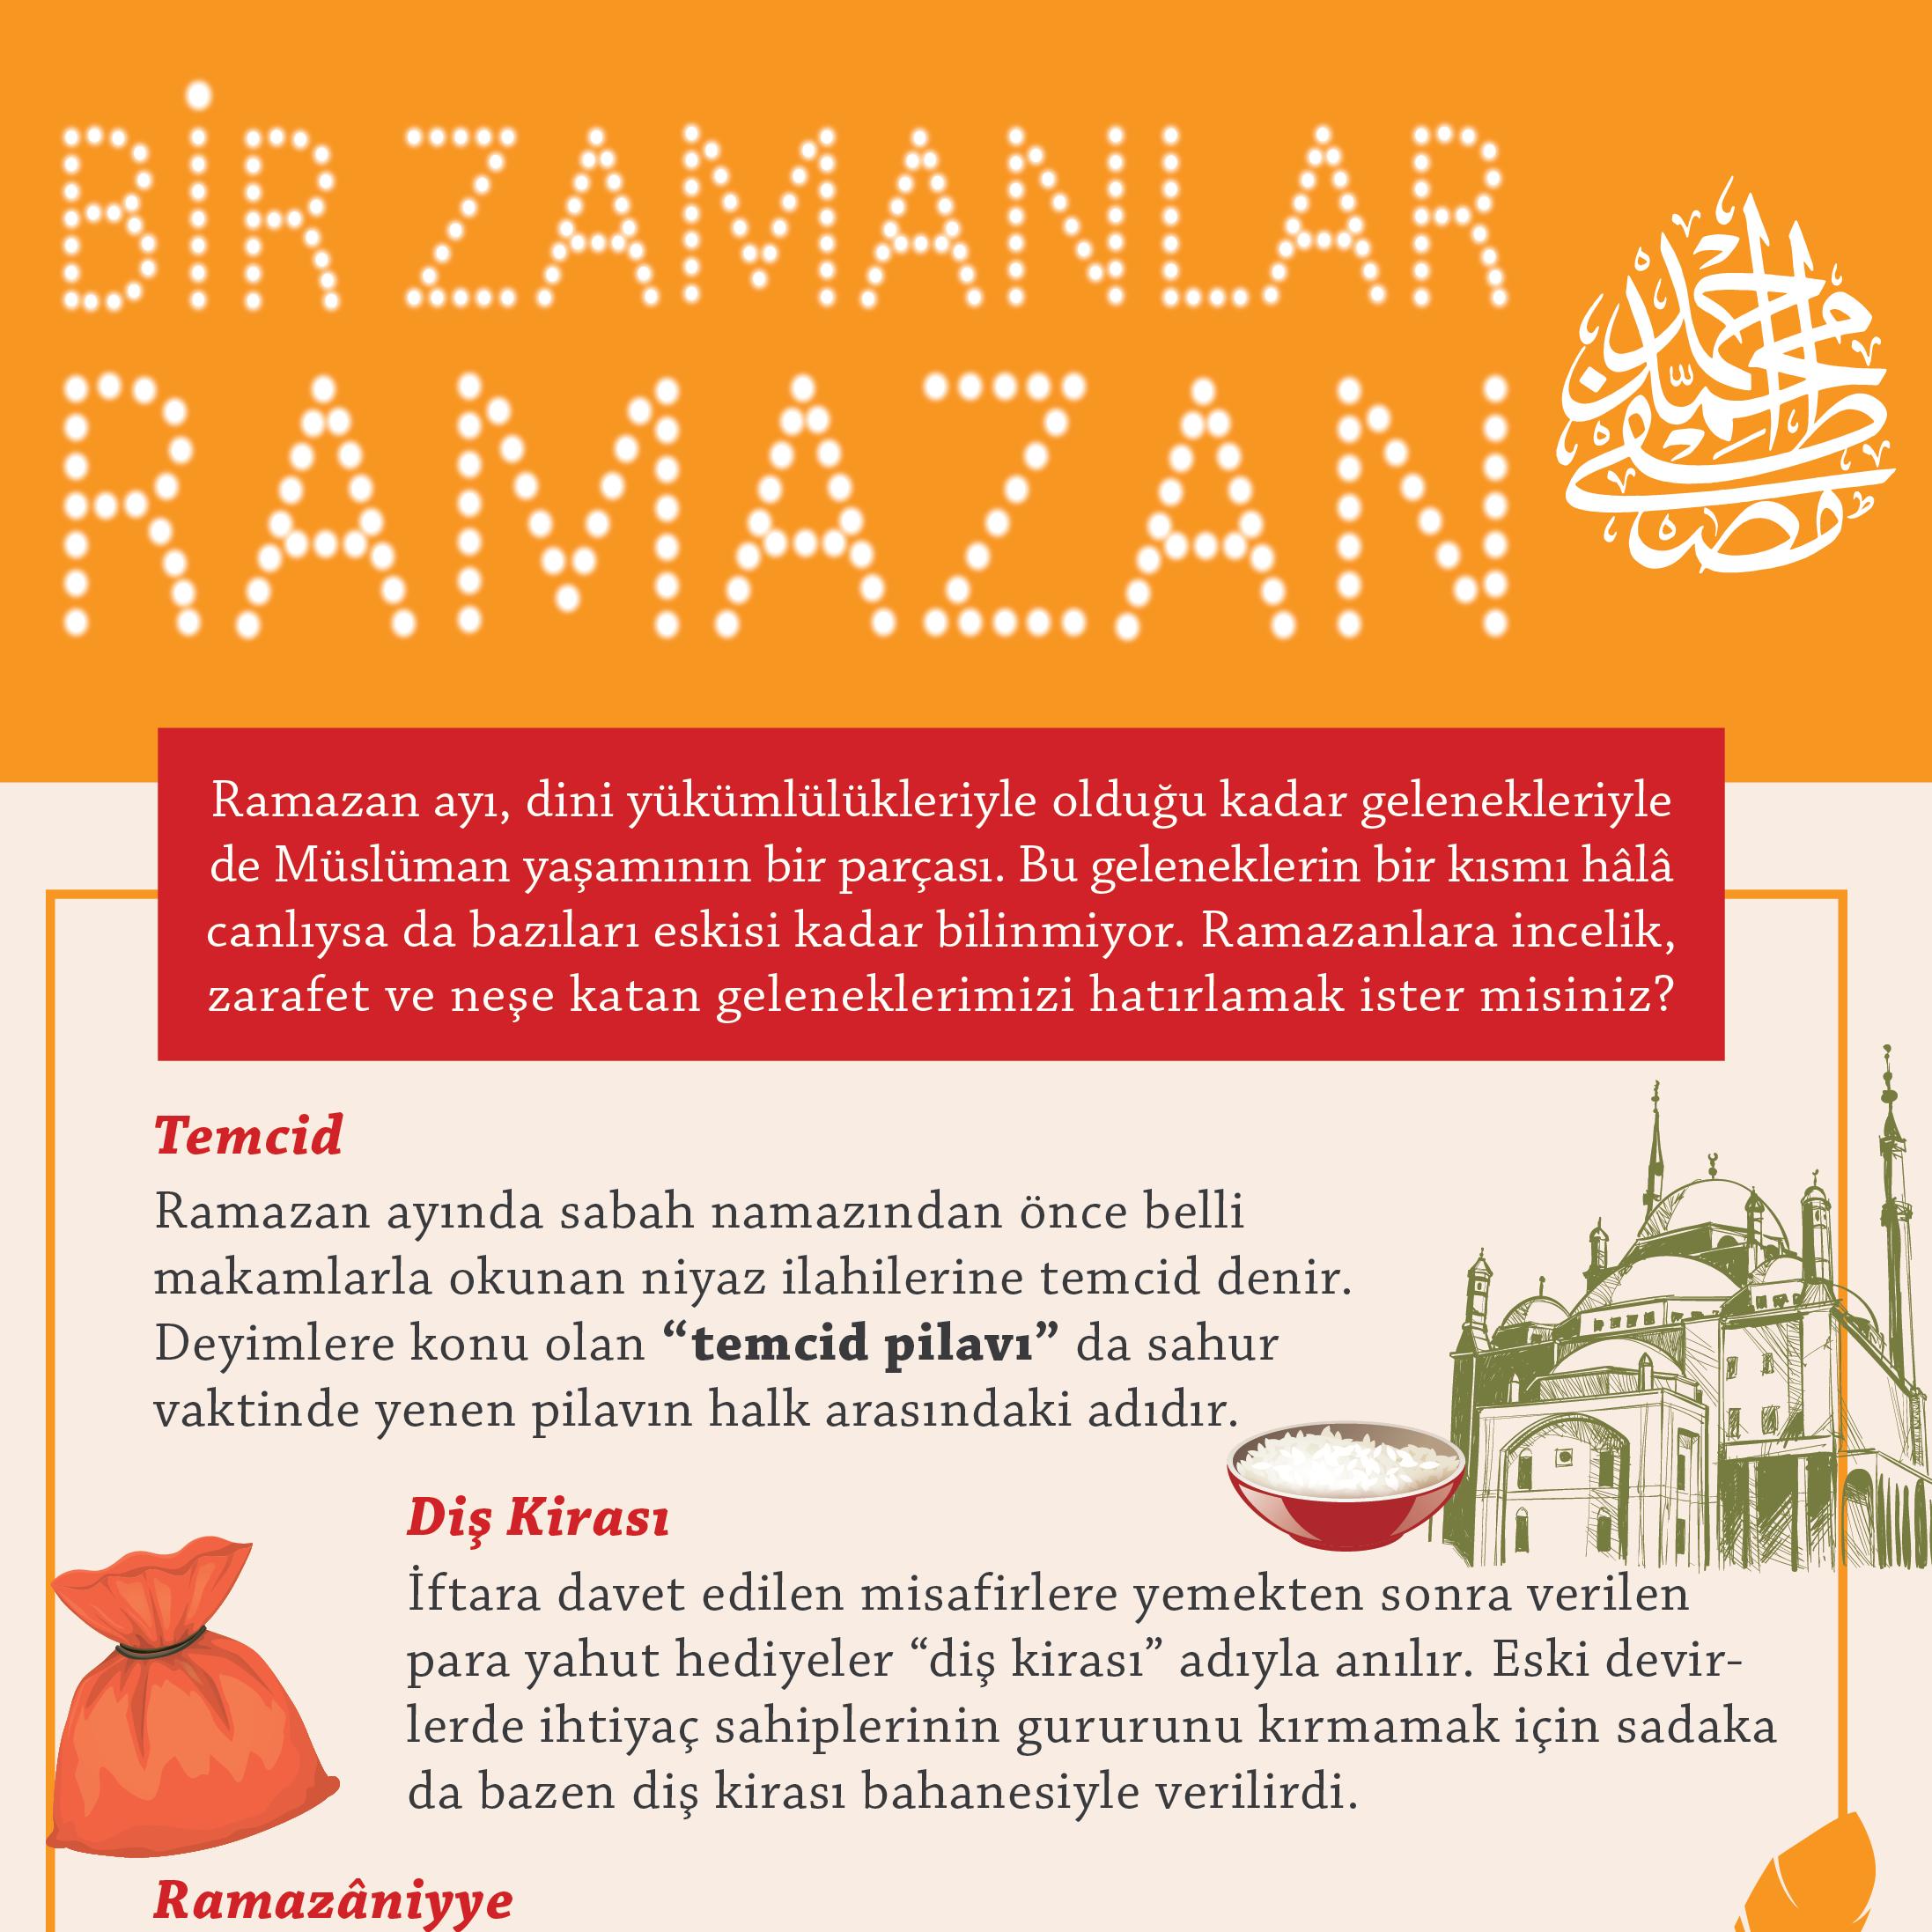 İnfografik: Bir Zamanlar Ramazan